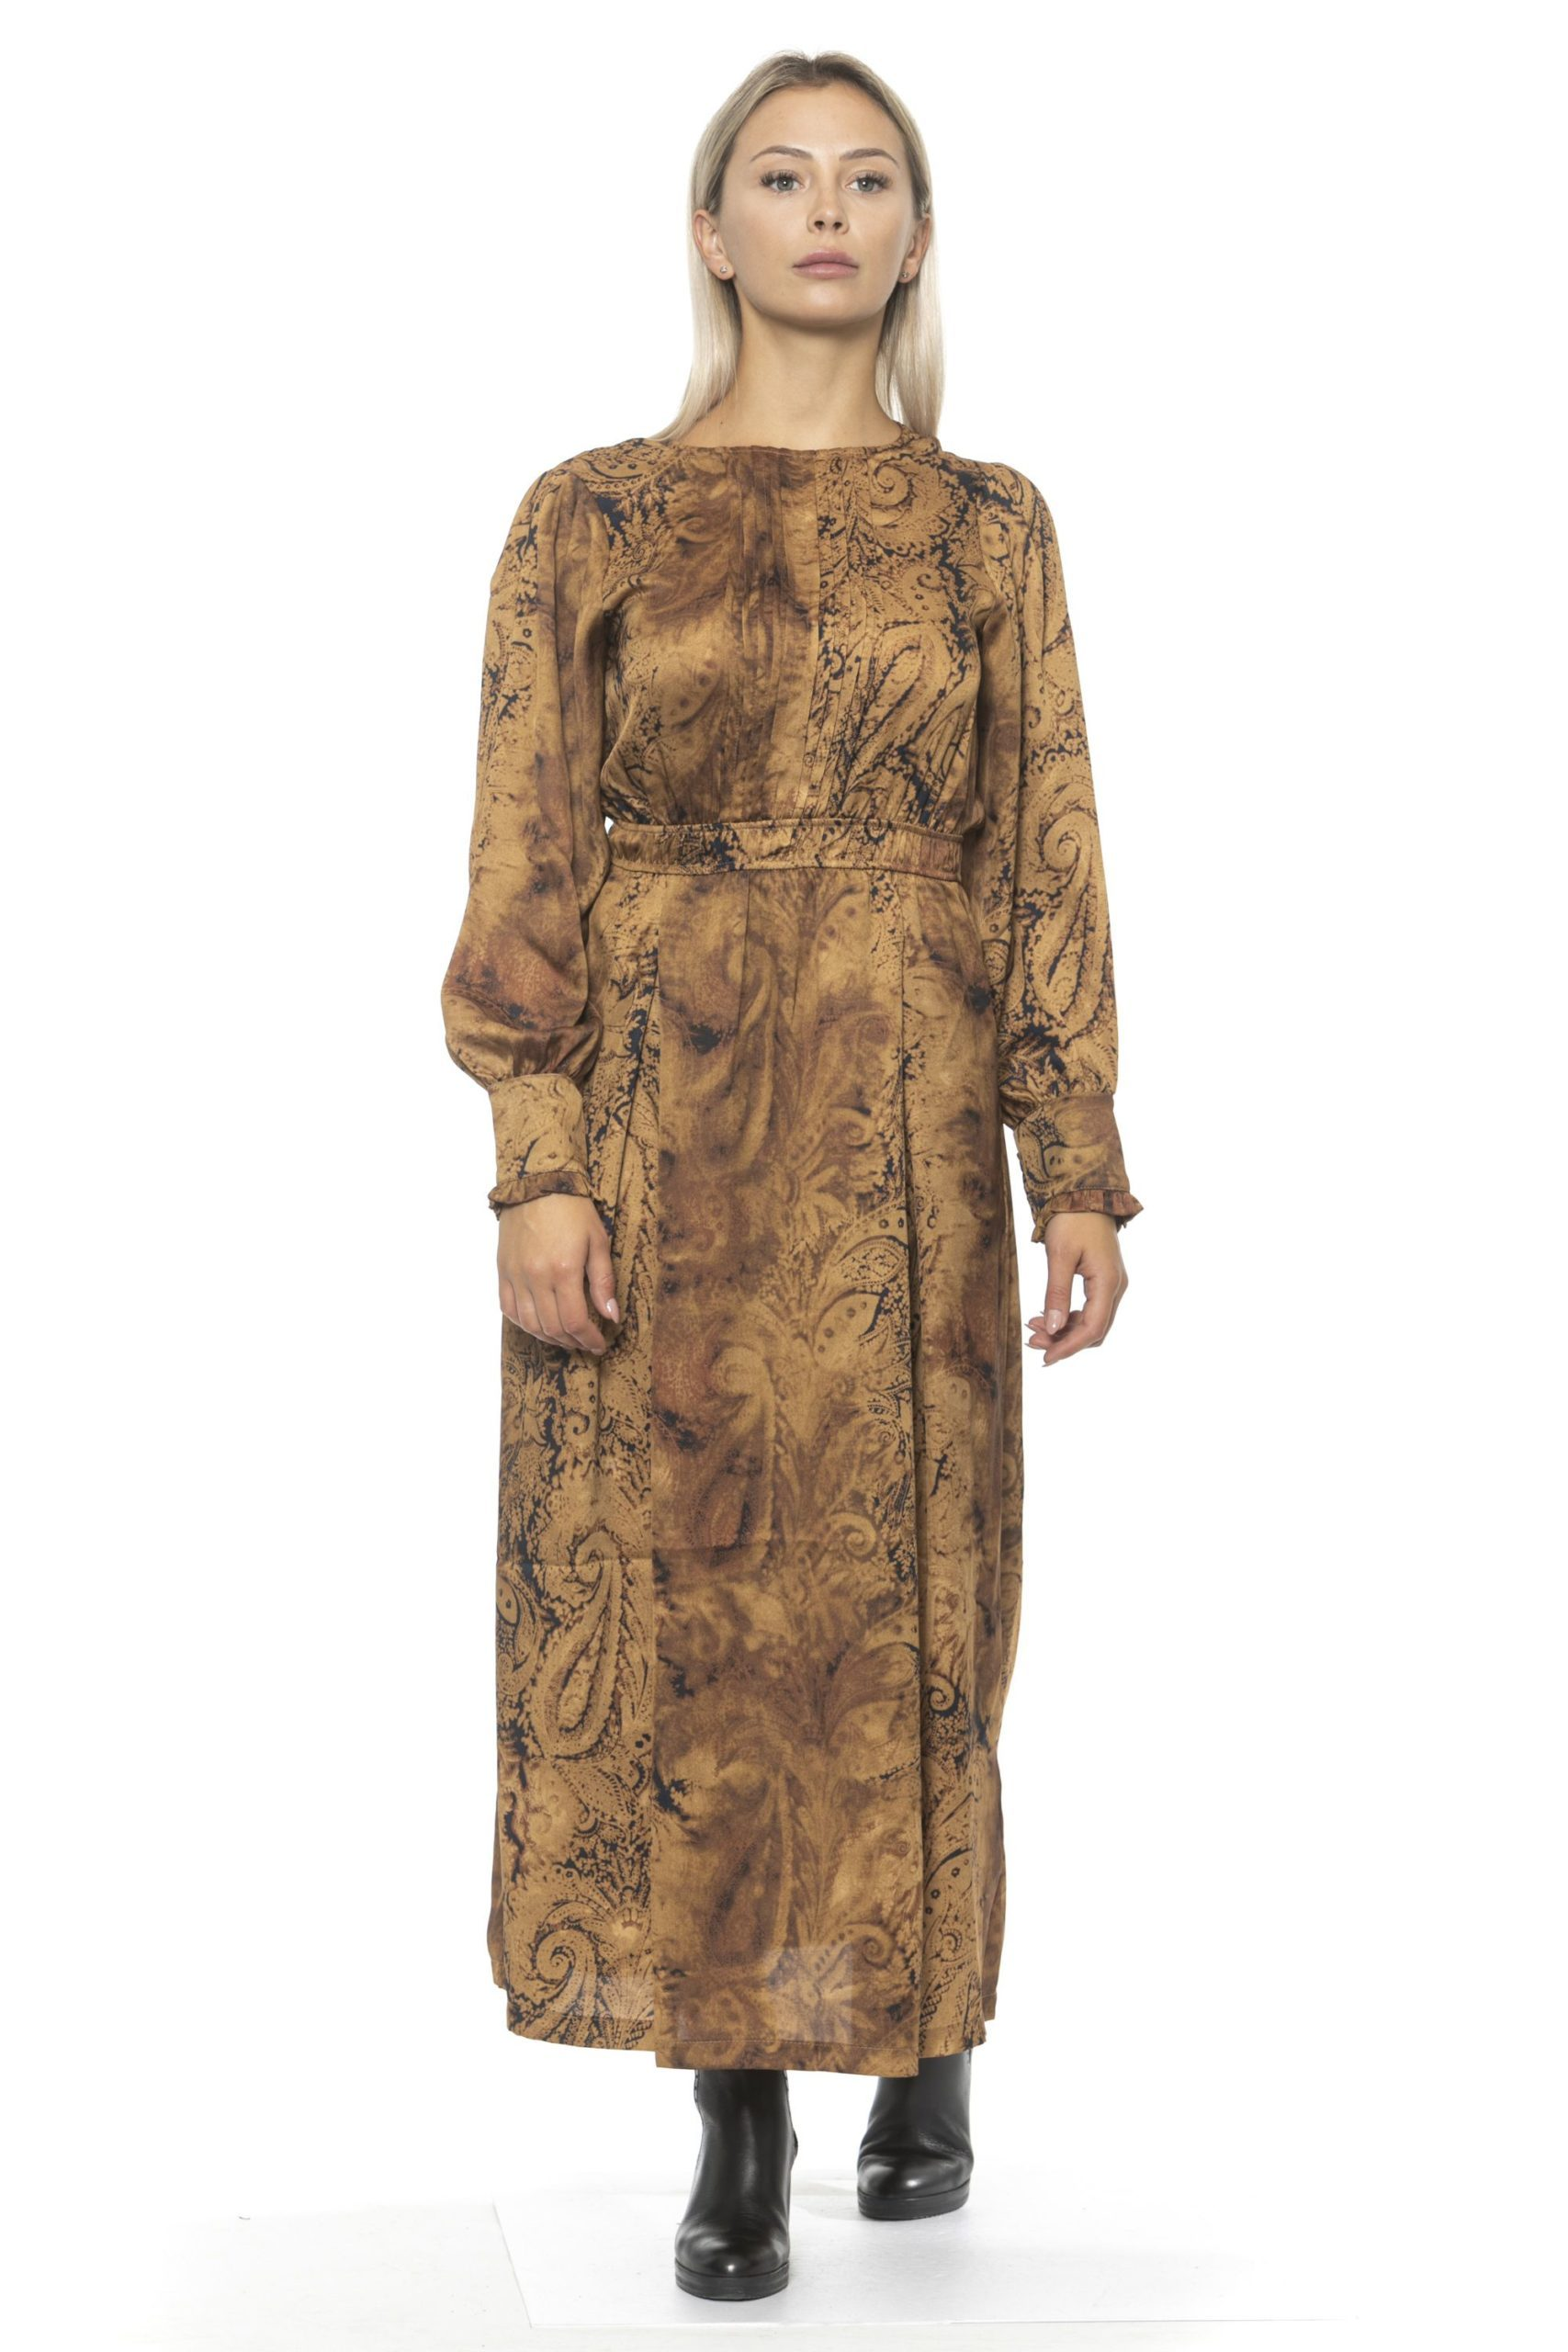 Alpha Studio Women's V A R. U N I C A Dress Brown AL1314663 - IT42 | S